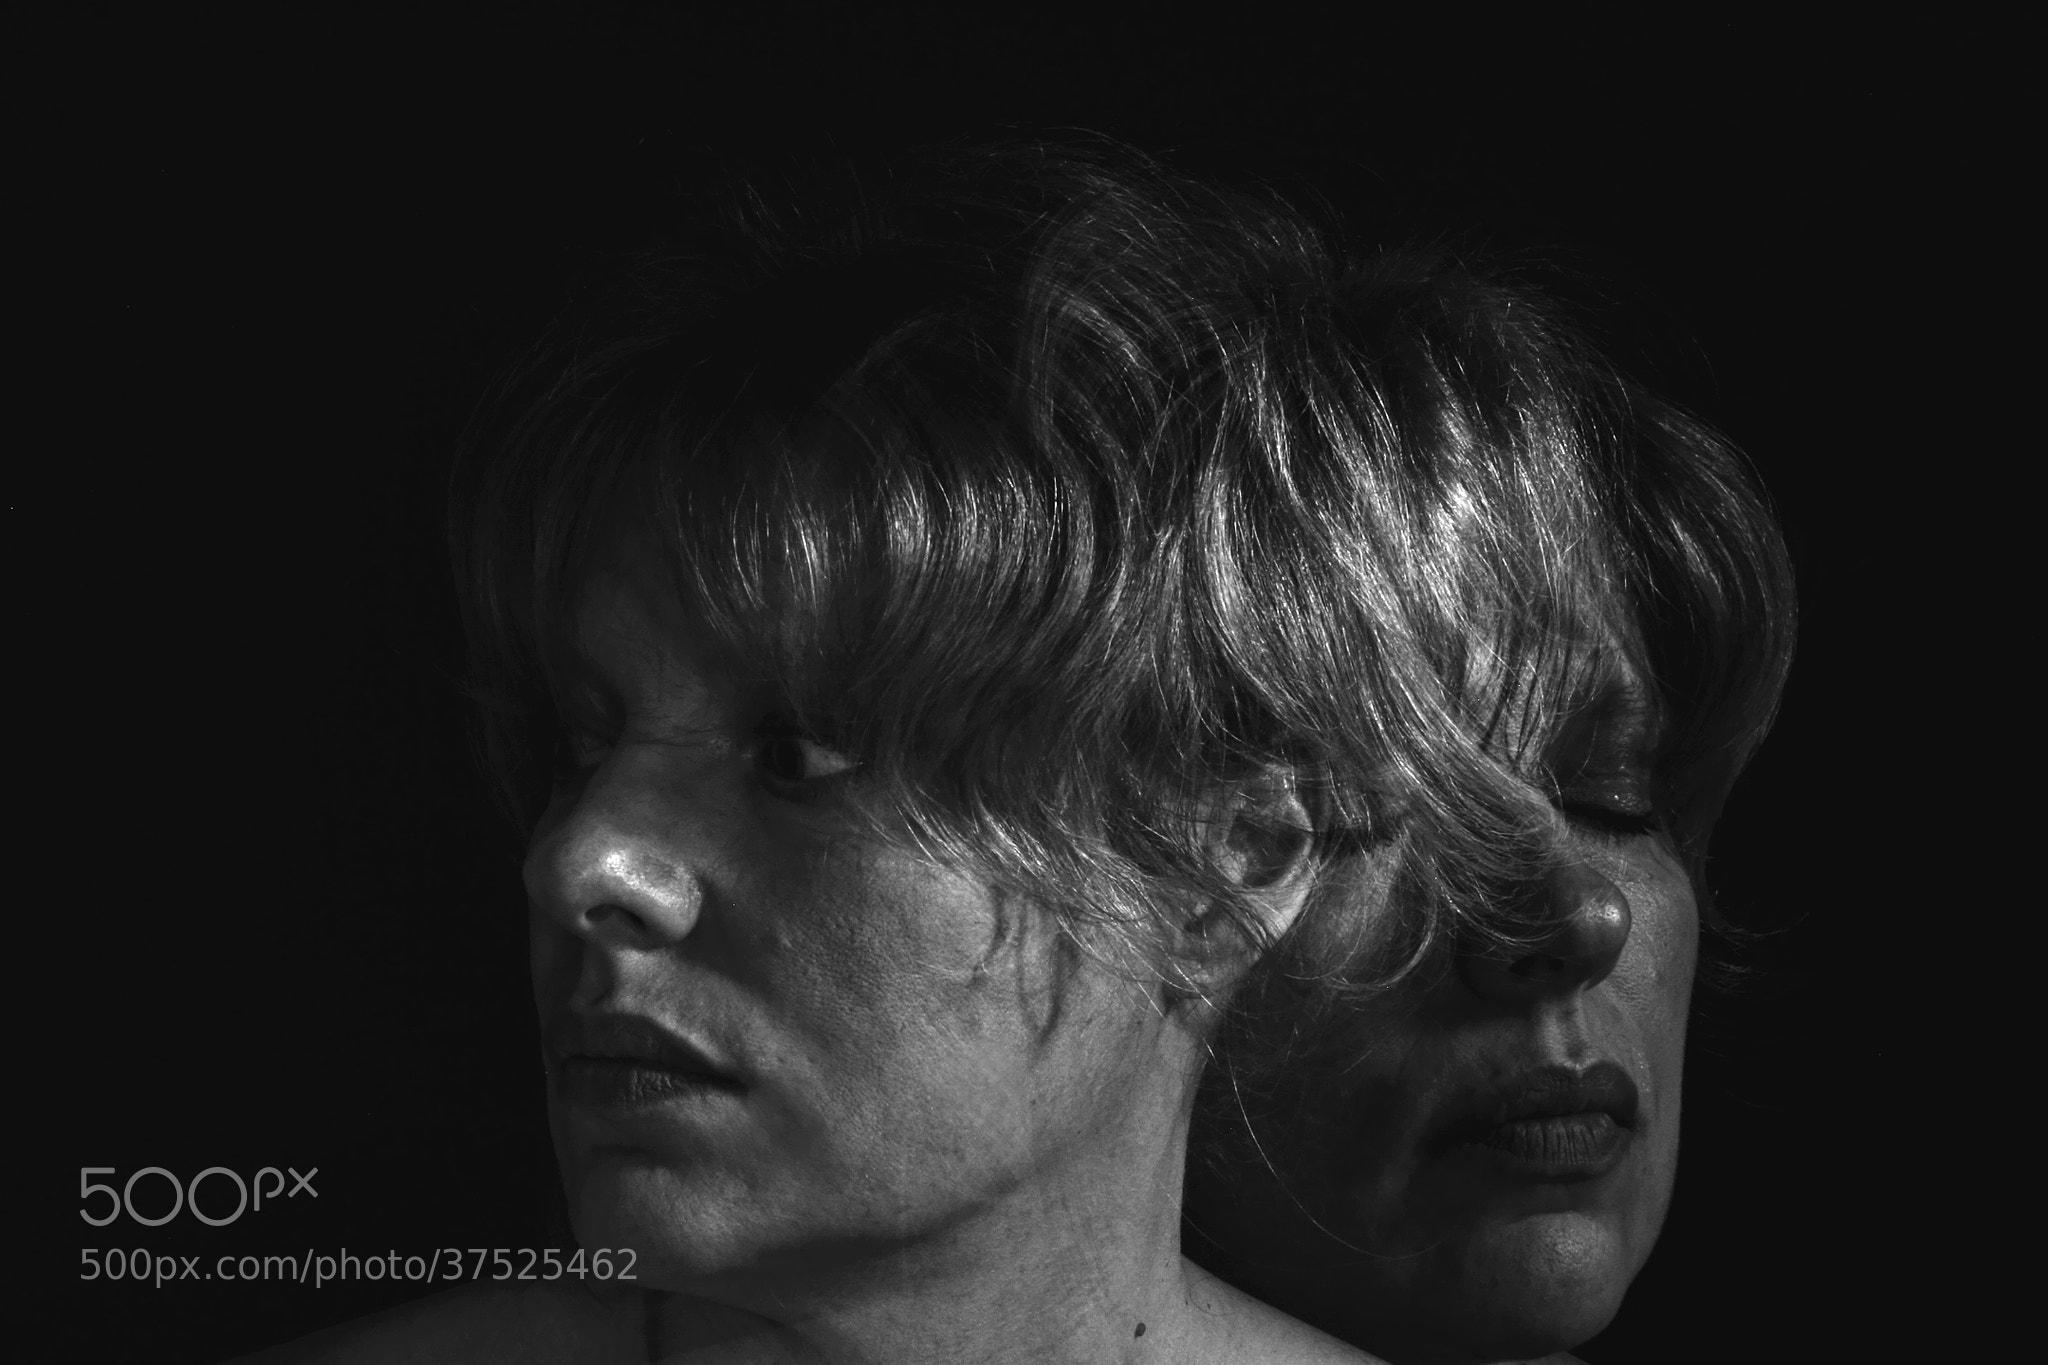 Photograph Insomnio by Irene Castiglioni on 500px